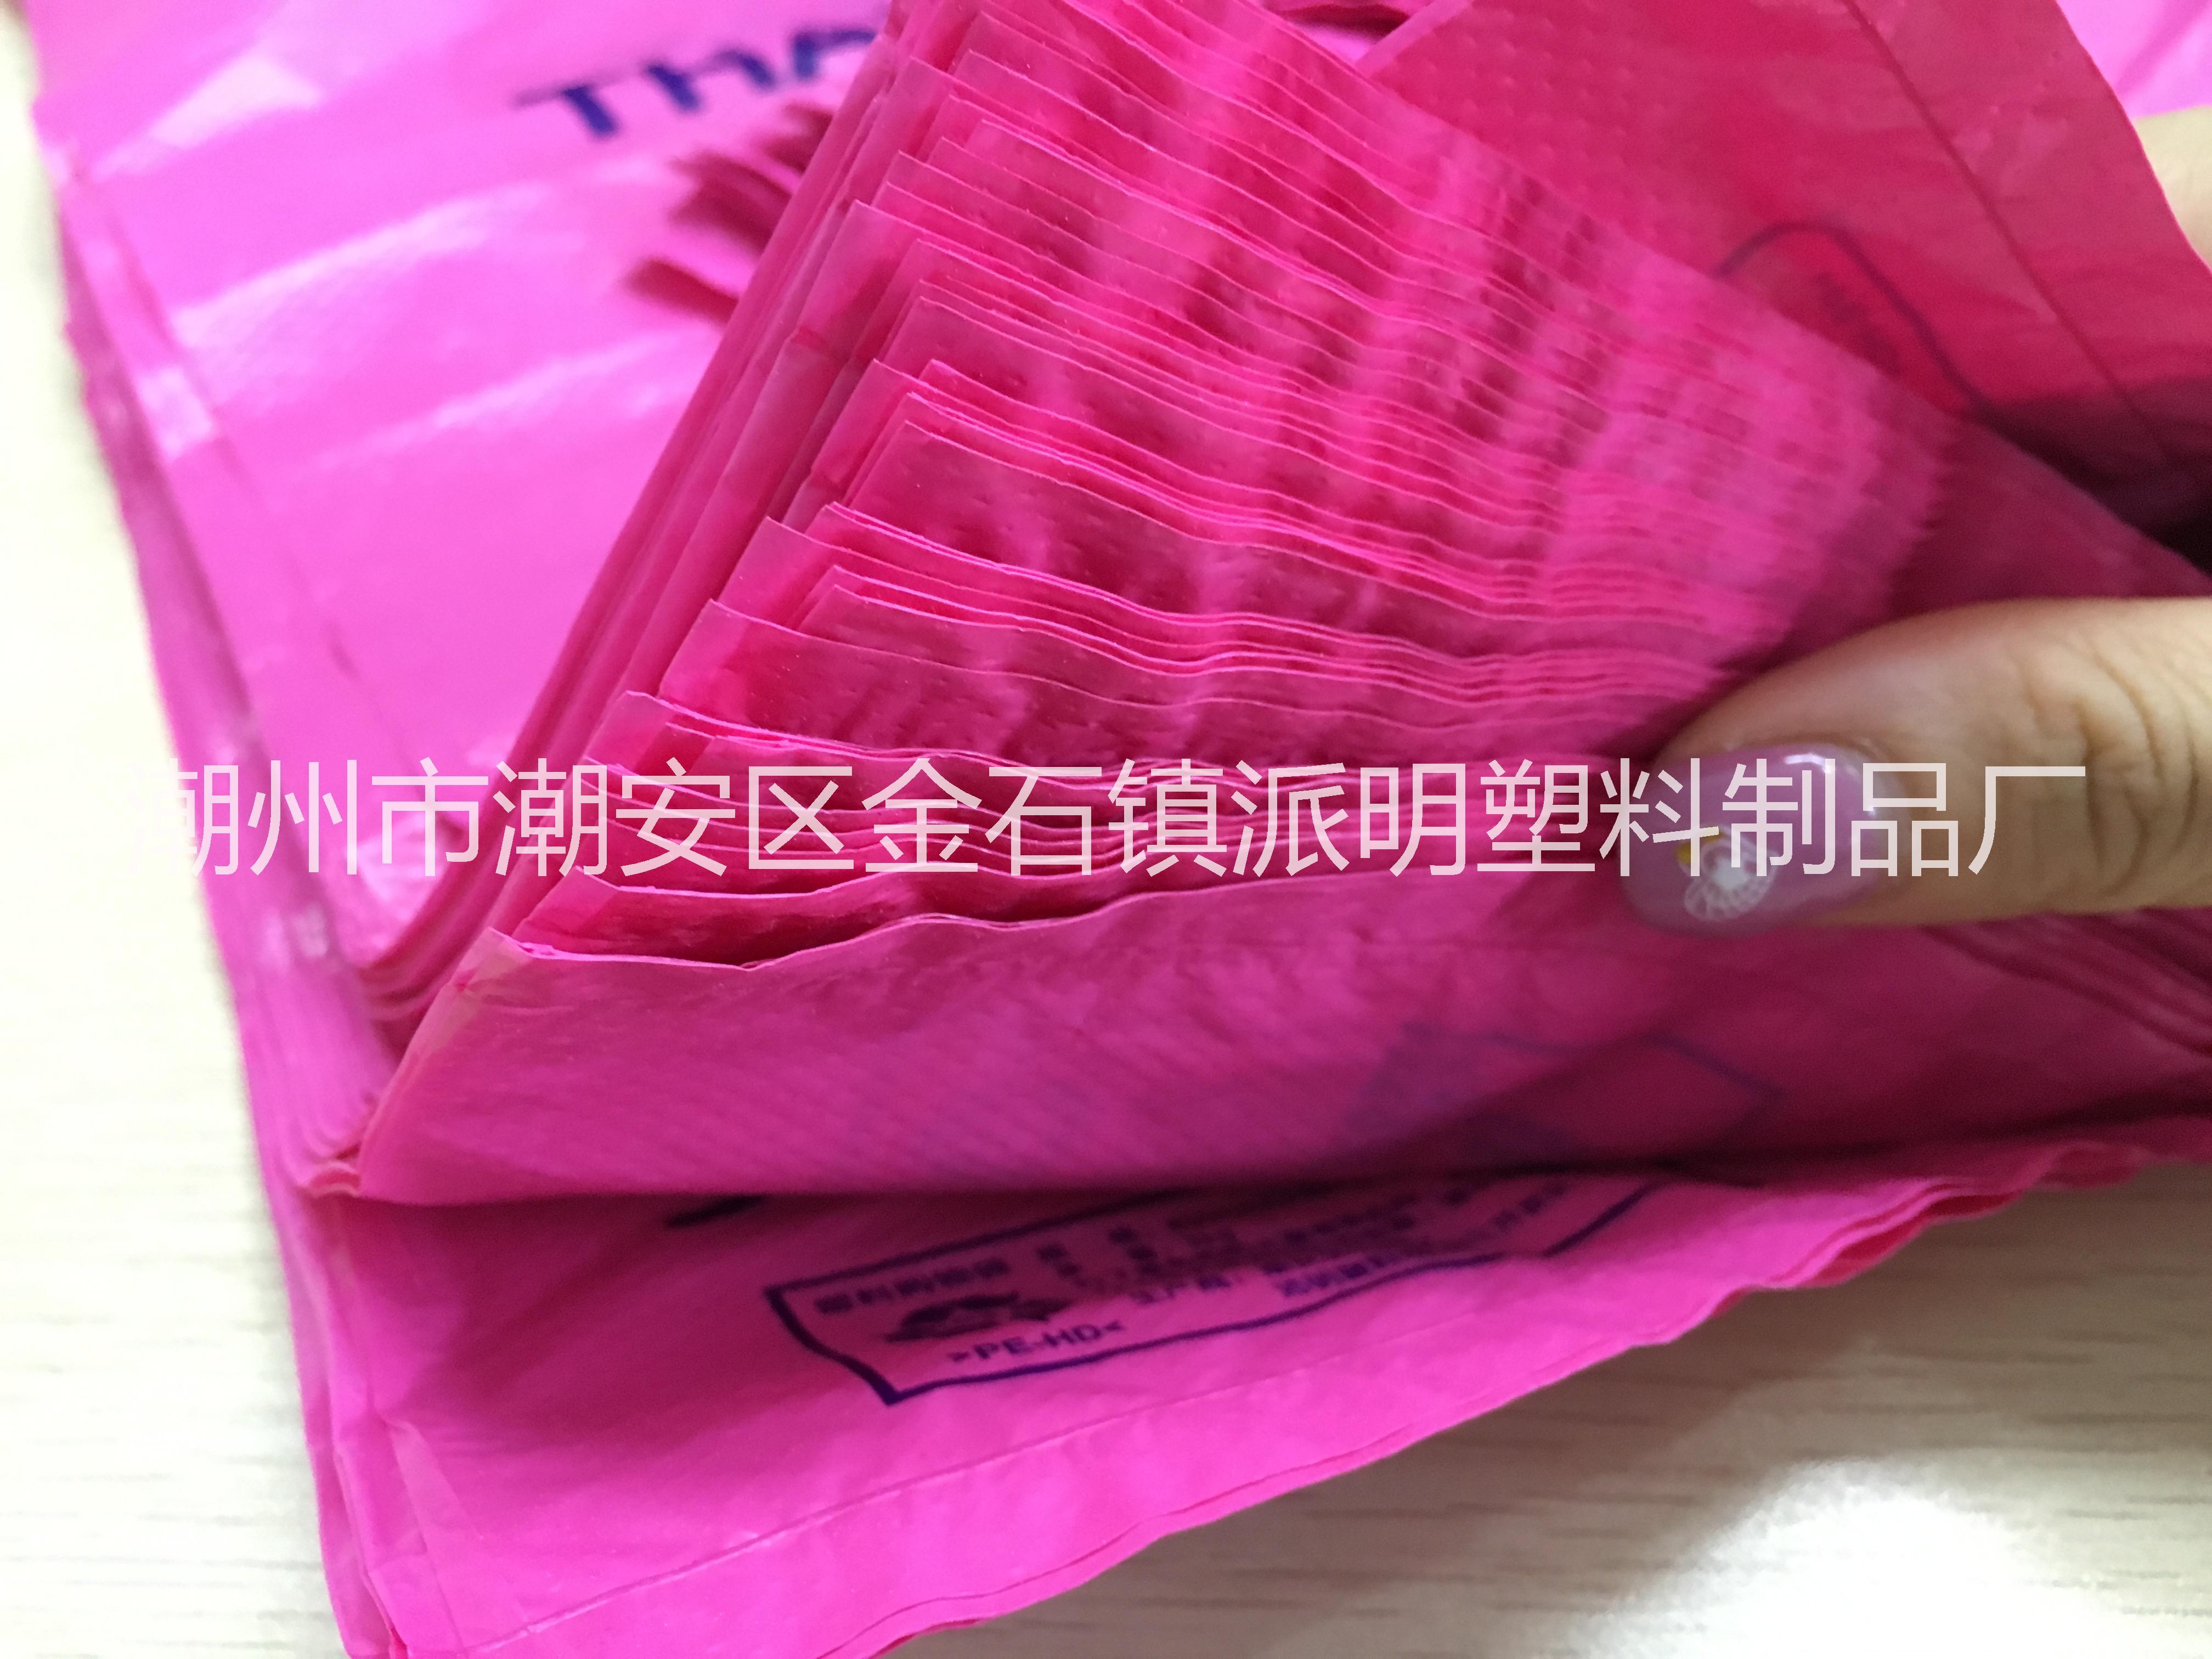 笑脸袋   环保袋   超市购物袋   印刷背心袋 环保笑脸袋